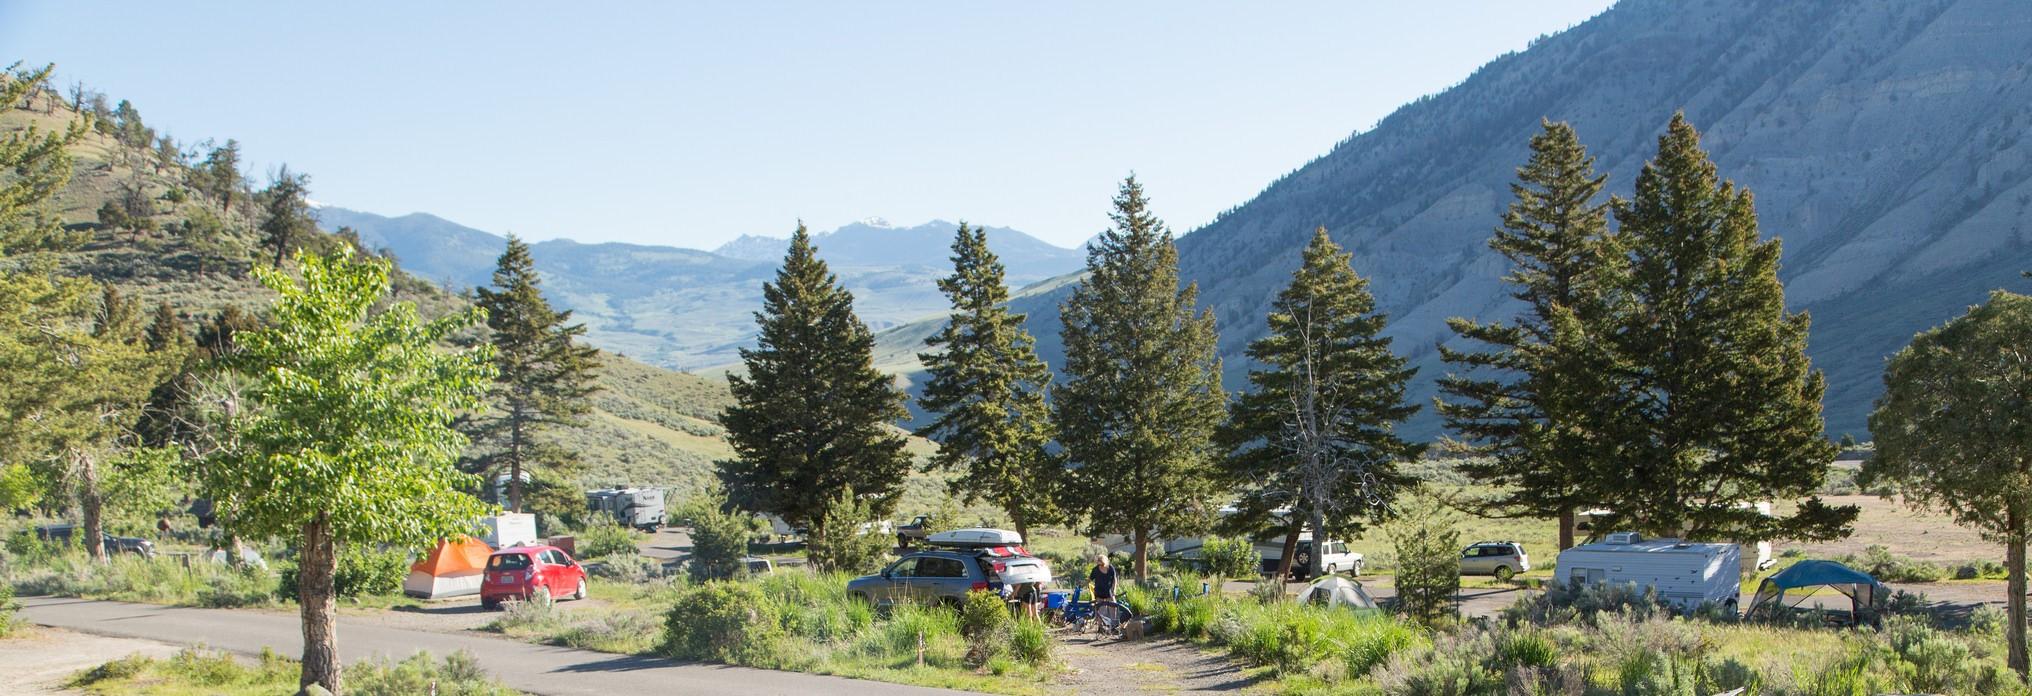 car camping Flickr.jpg